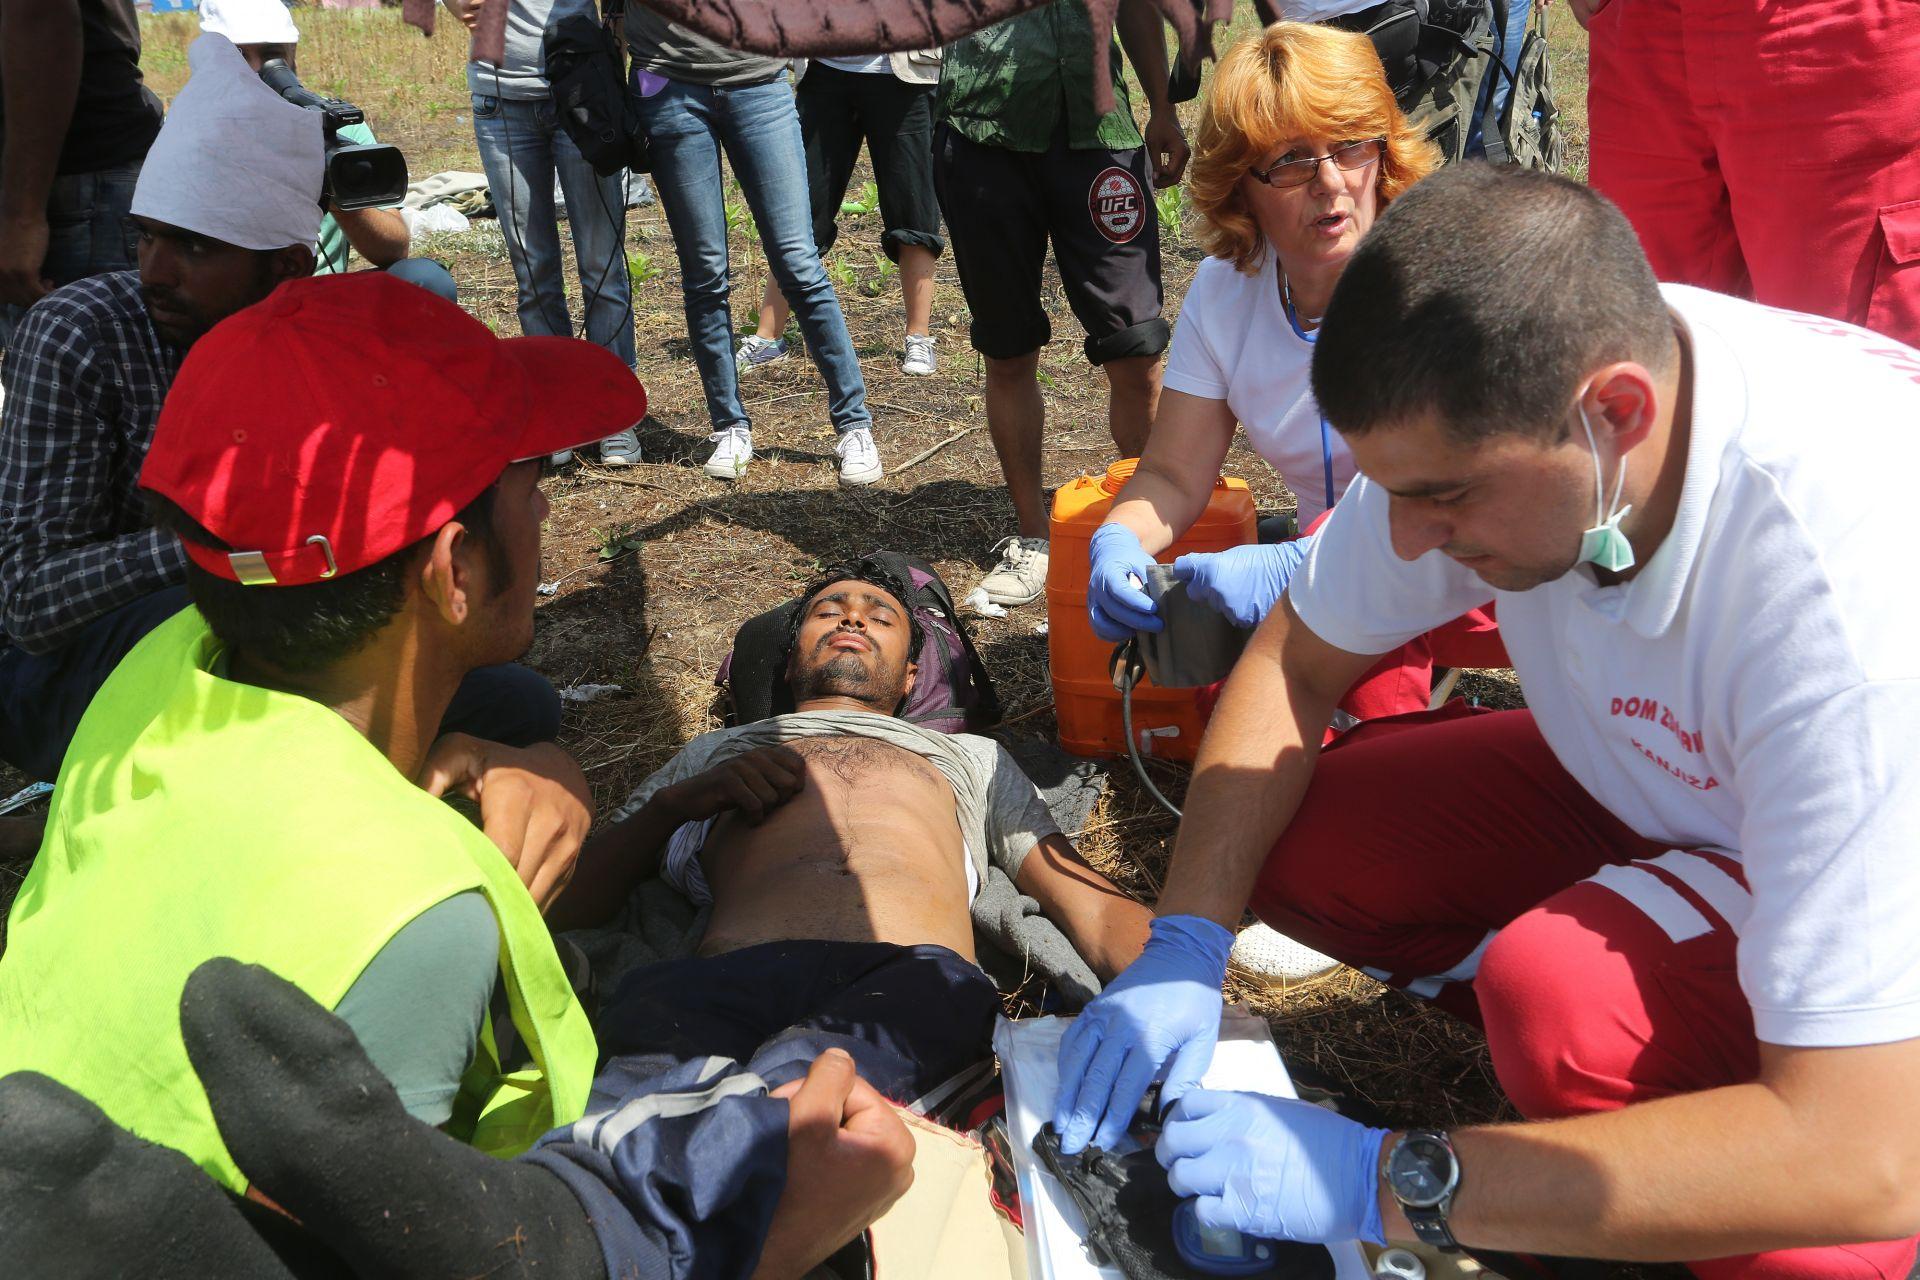 PROMETNA NESREĆA: Poginula dvojica migranata, među 10 ozlijeđenih petero djece